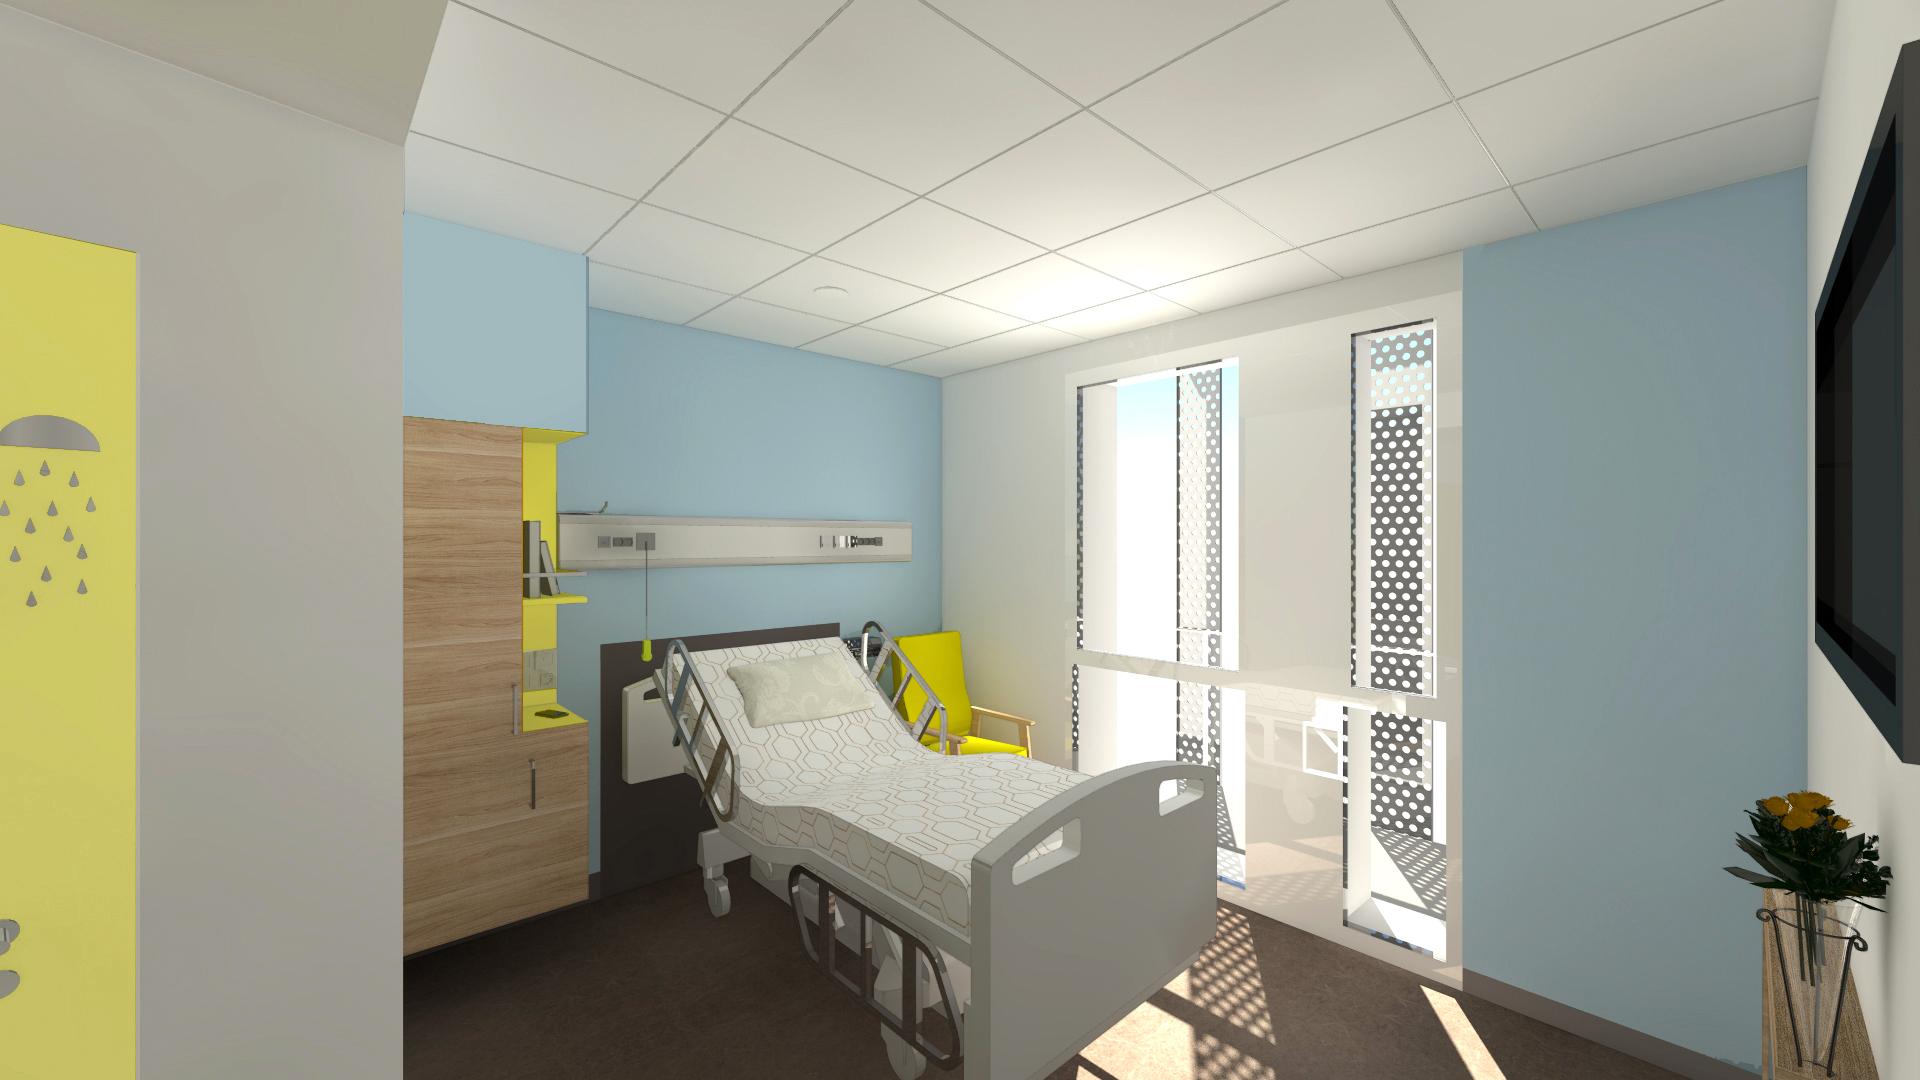 Chambre Hôpital NHL-Gamme Cristal +Tilleul-arch François Pouget